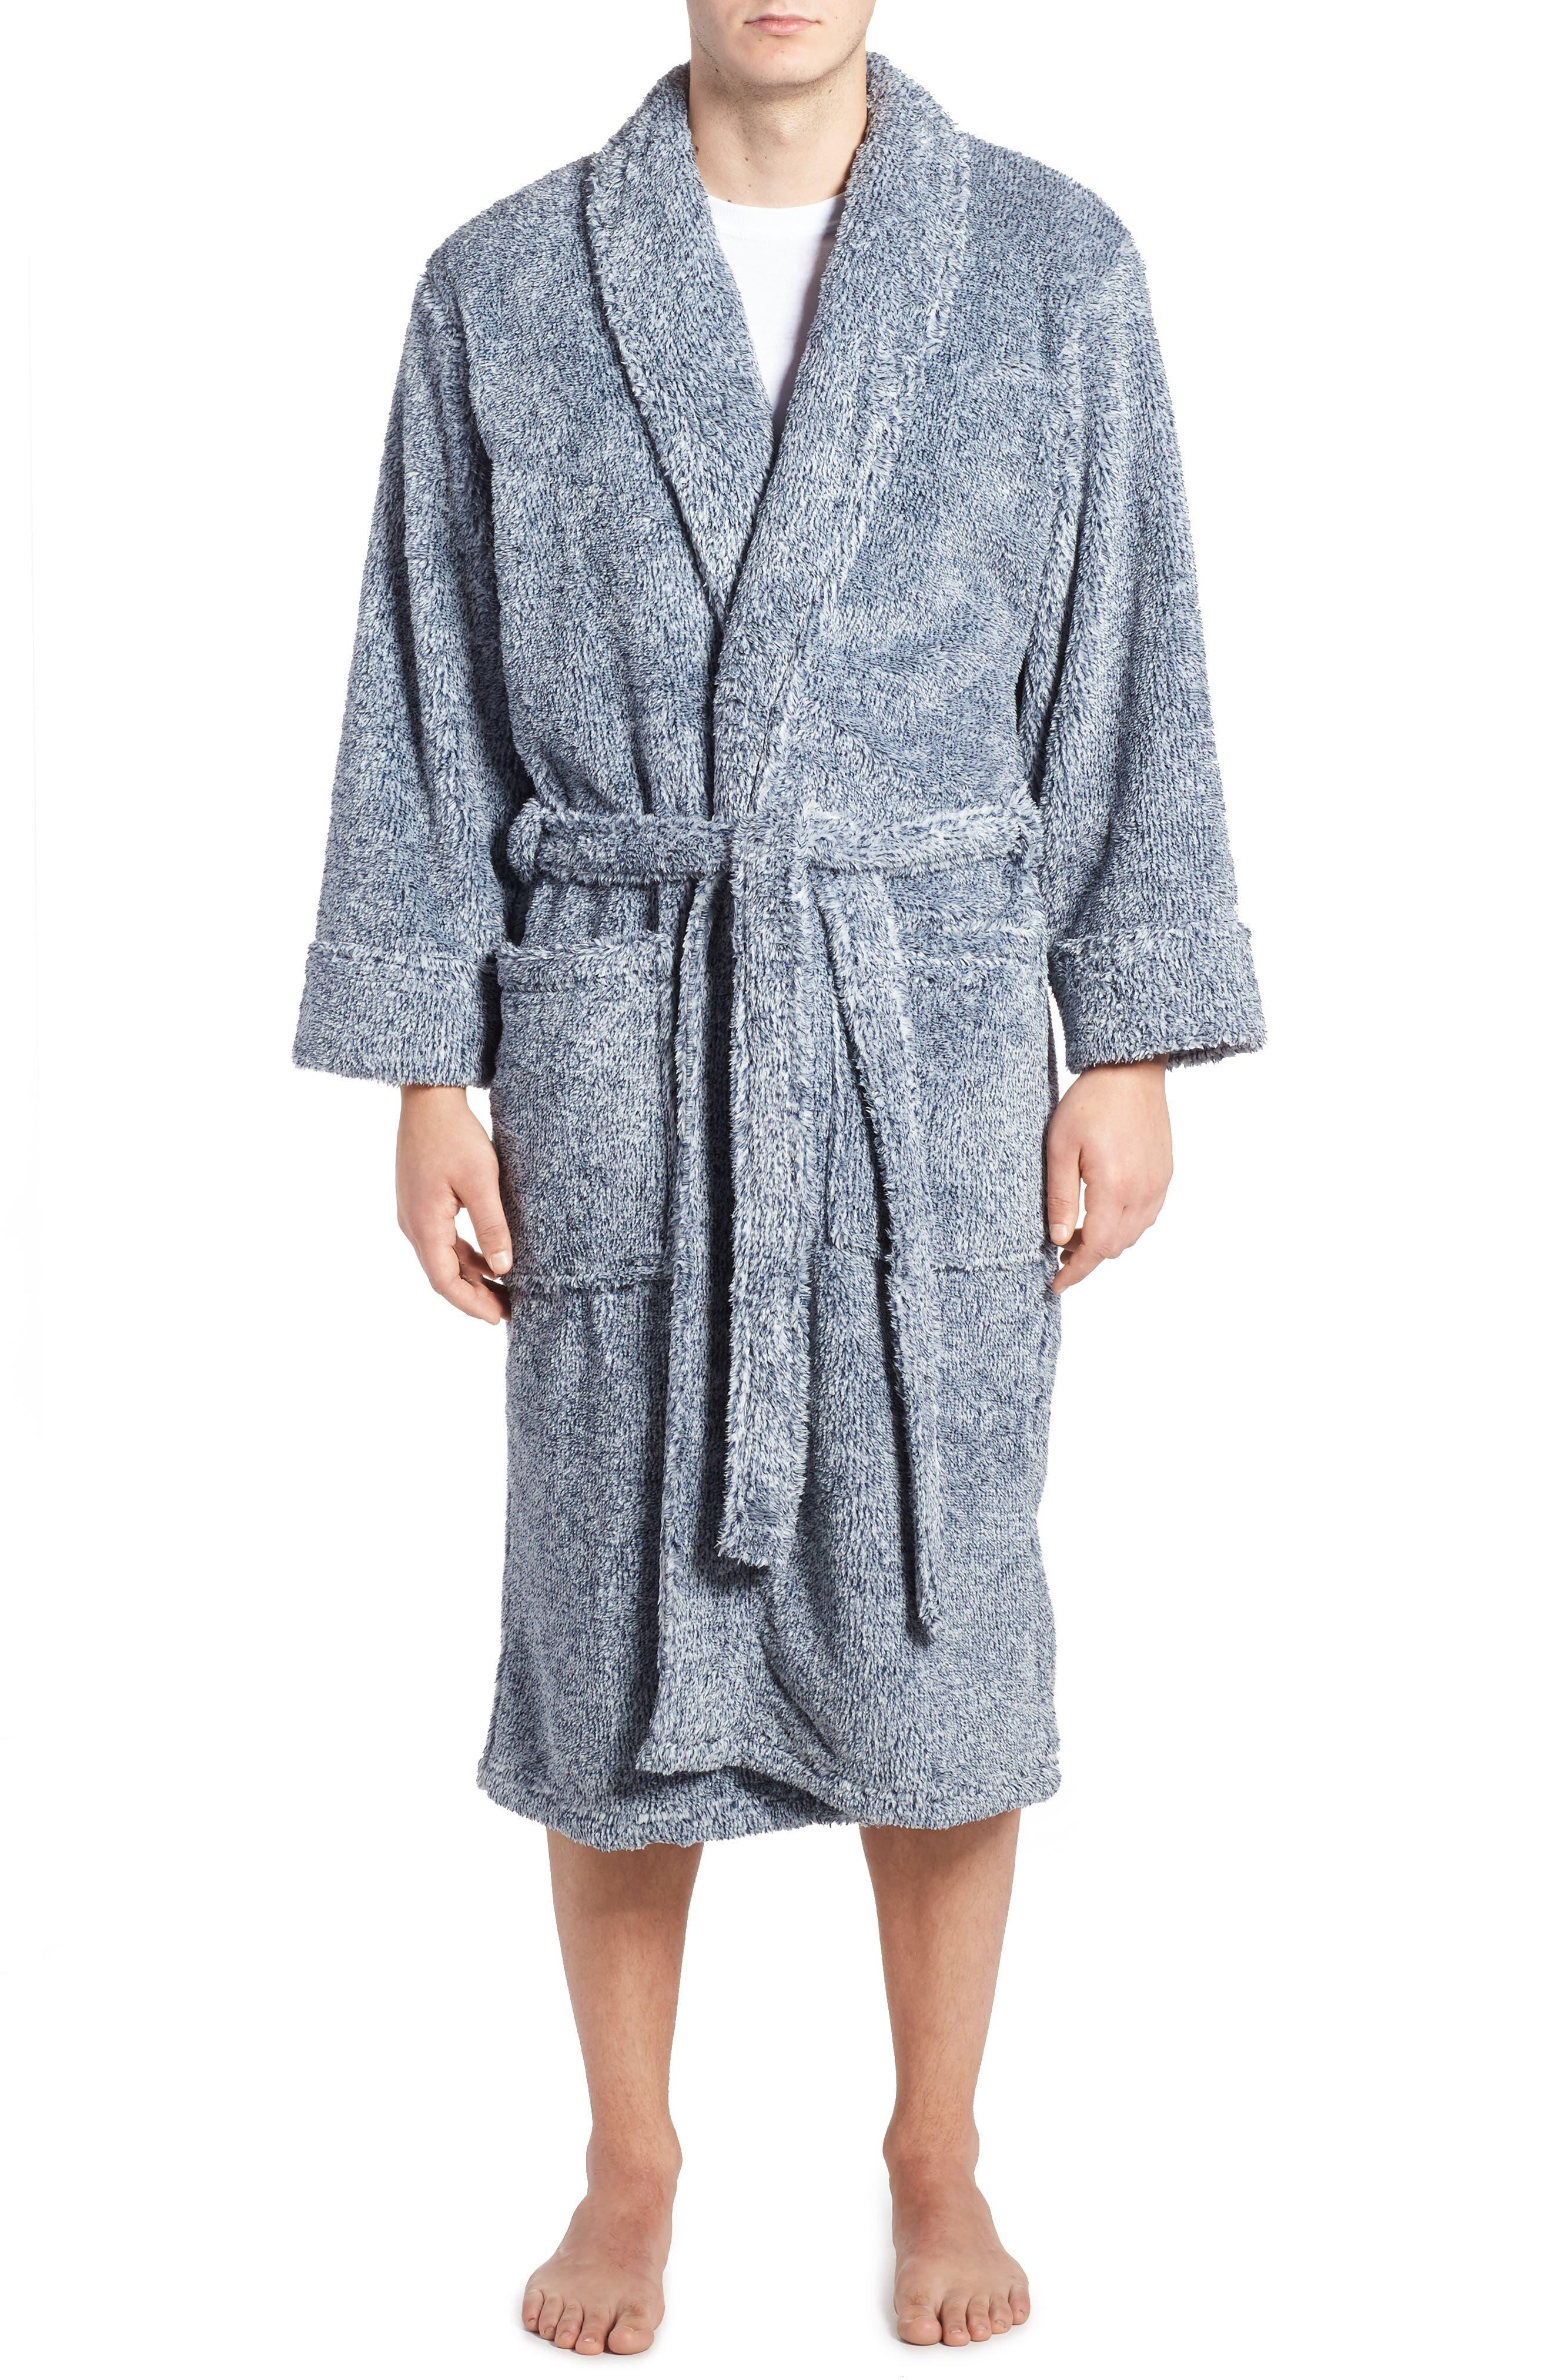 Daniel Buchler Heather Fleece Robe